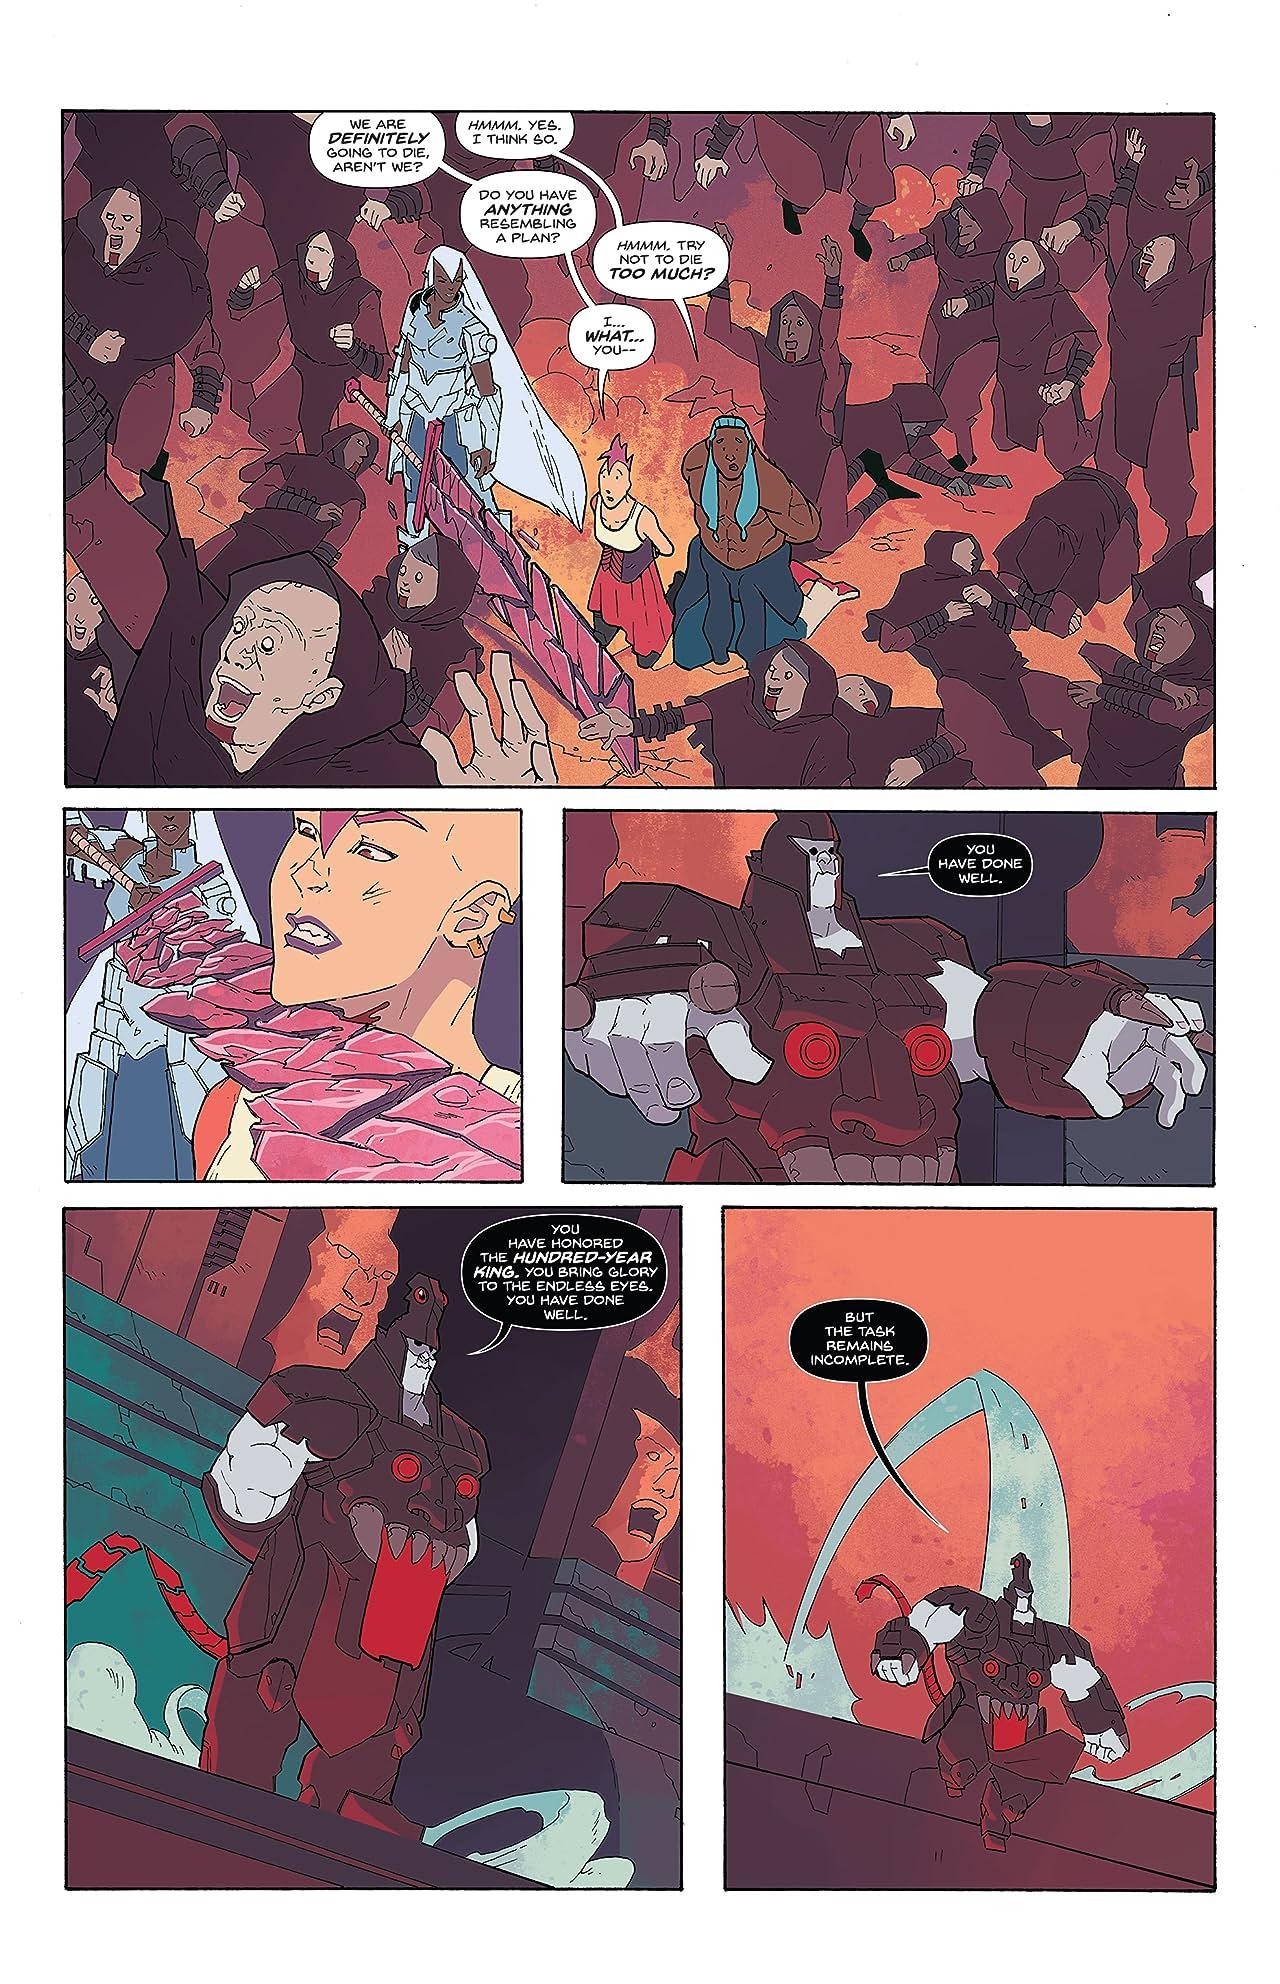 Breaklands (comiXology Originals) #1 (of 5)